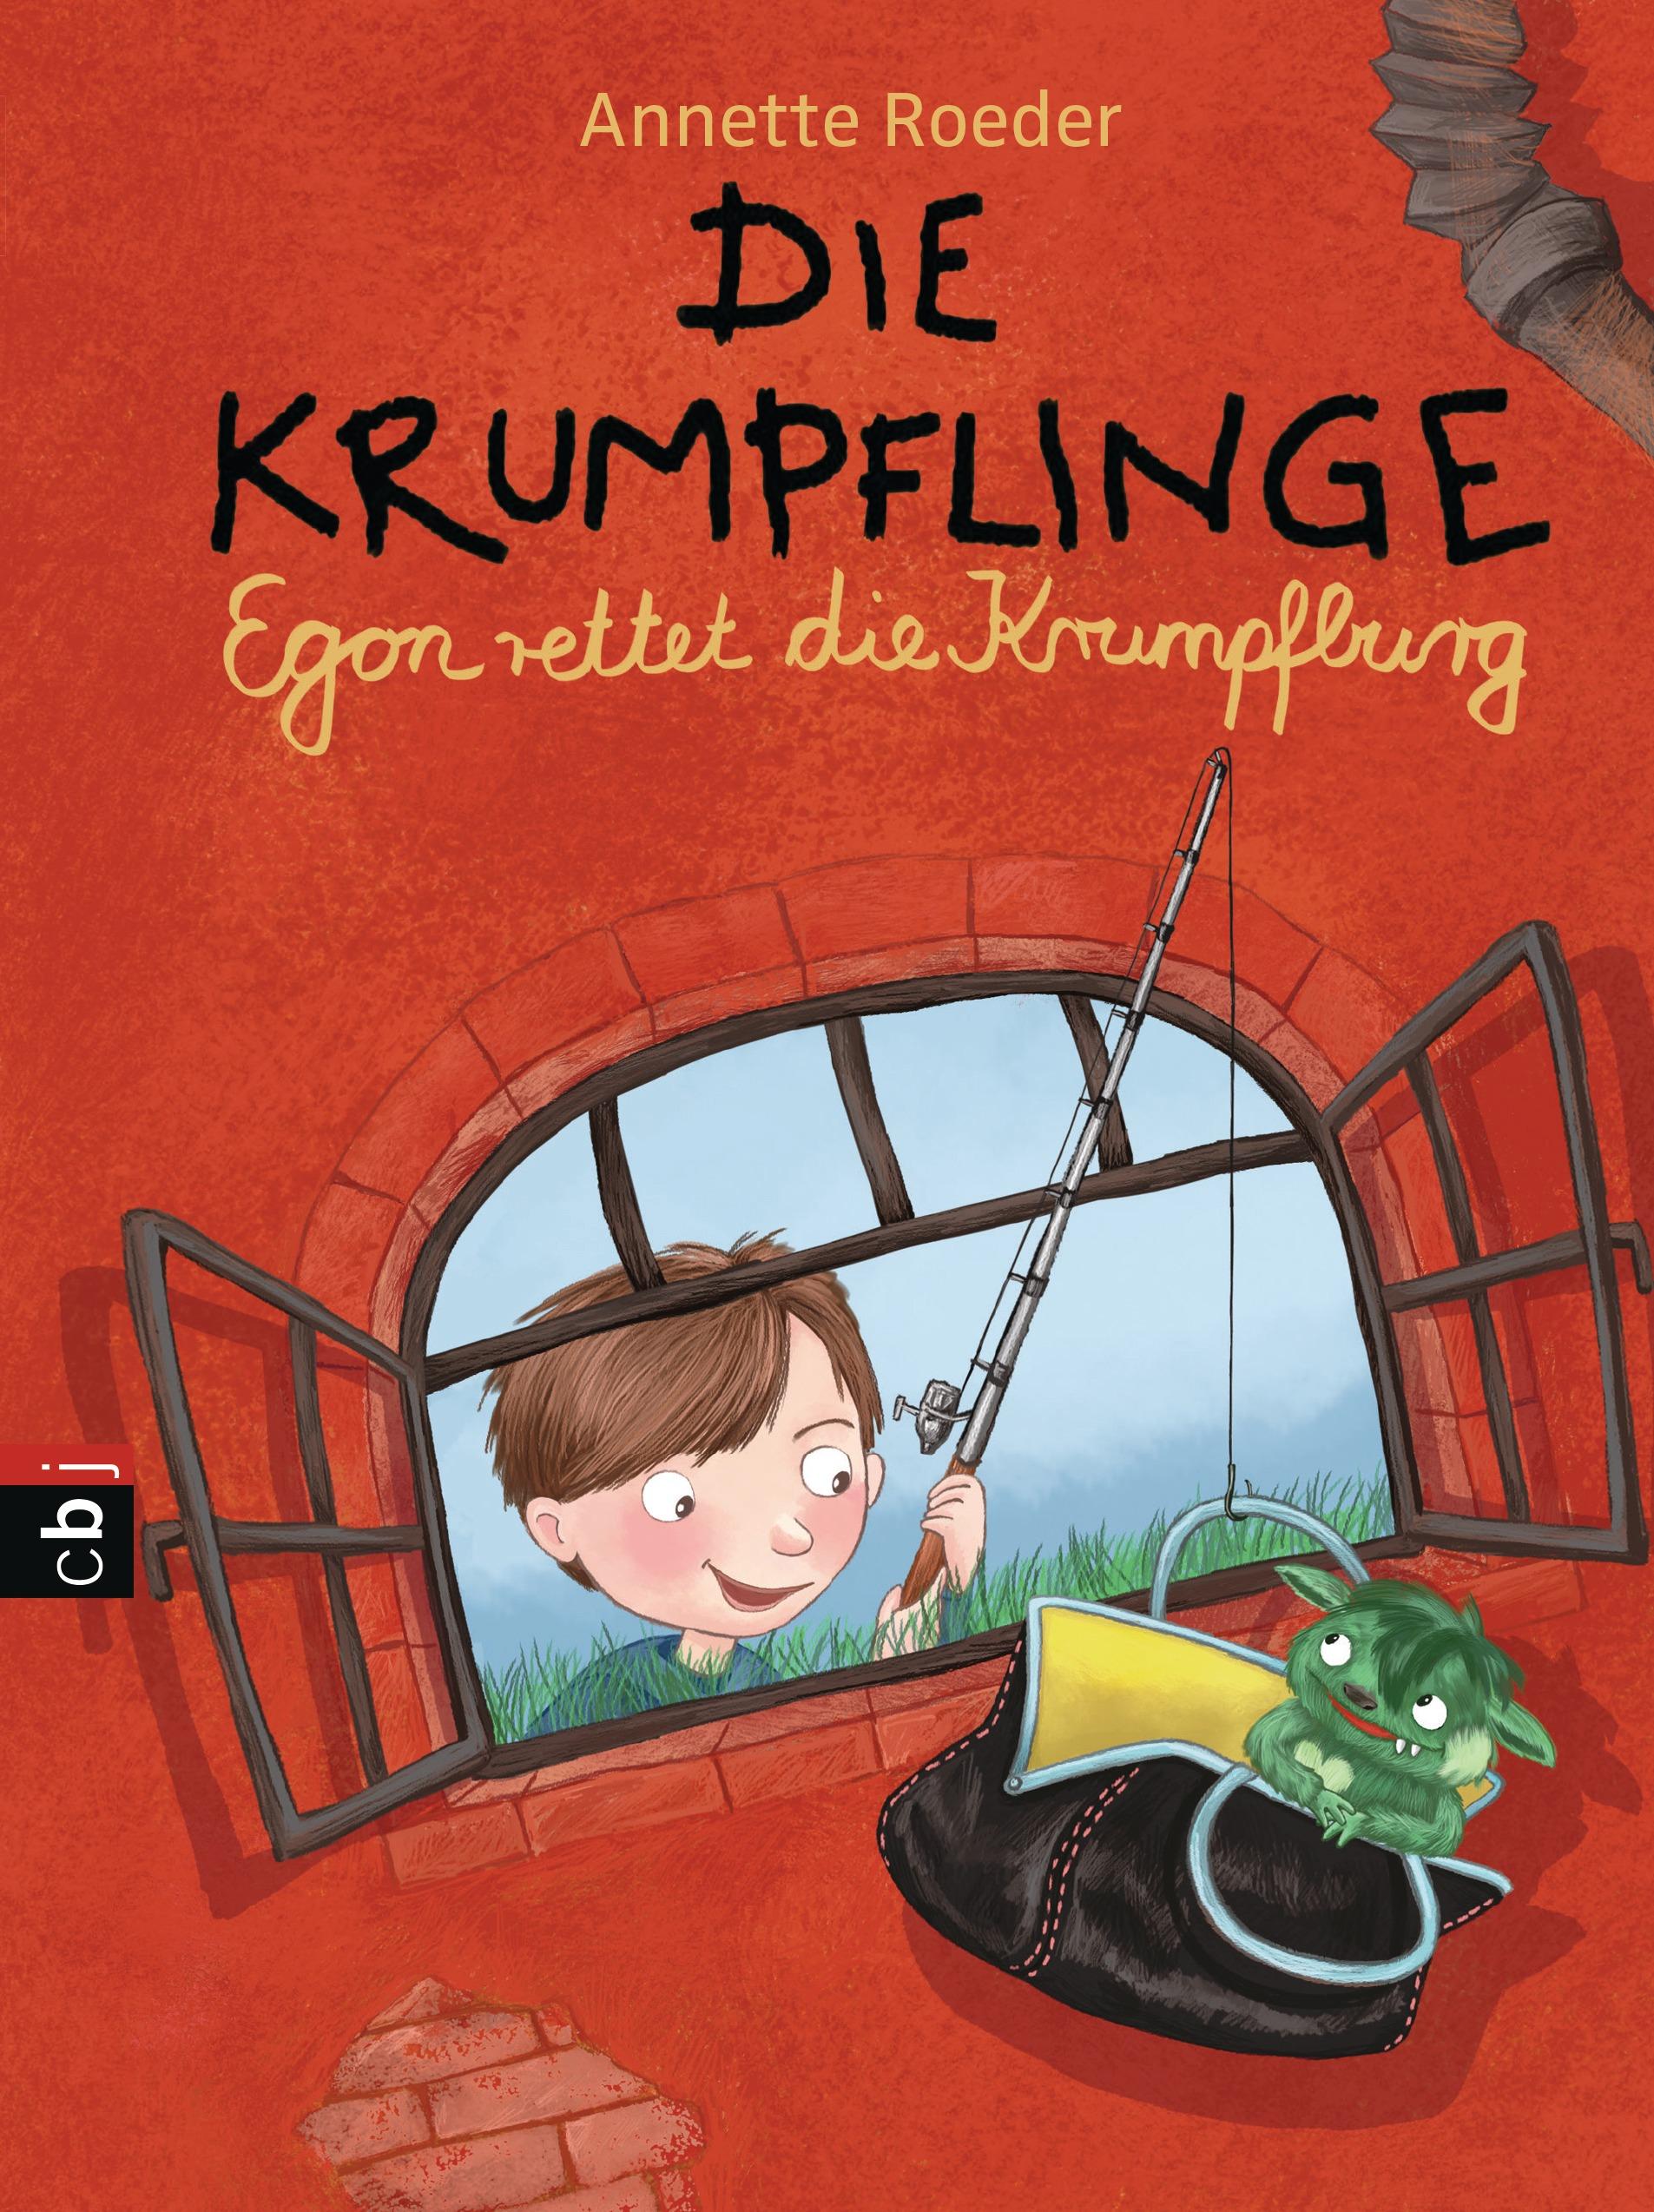 Die Krumpflinge: Band 5 - Egon rettet die Krumpfburg - Annette Roeder